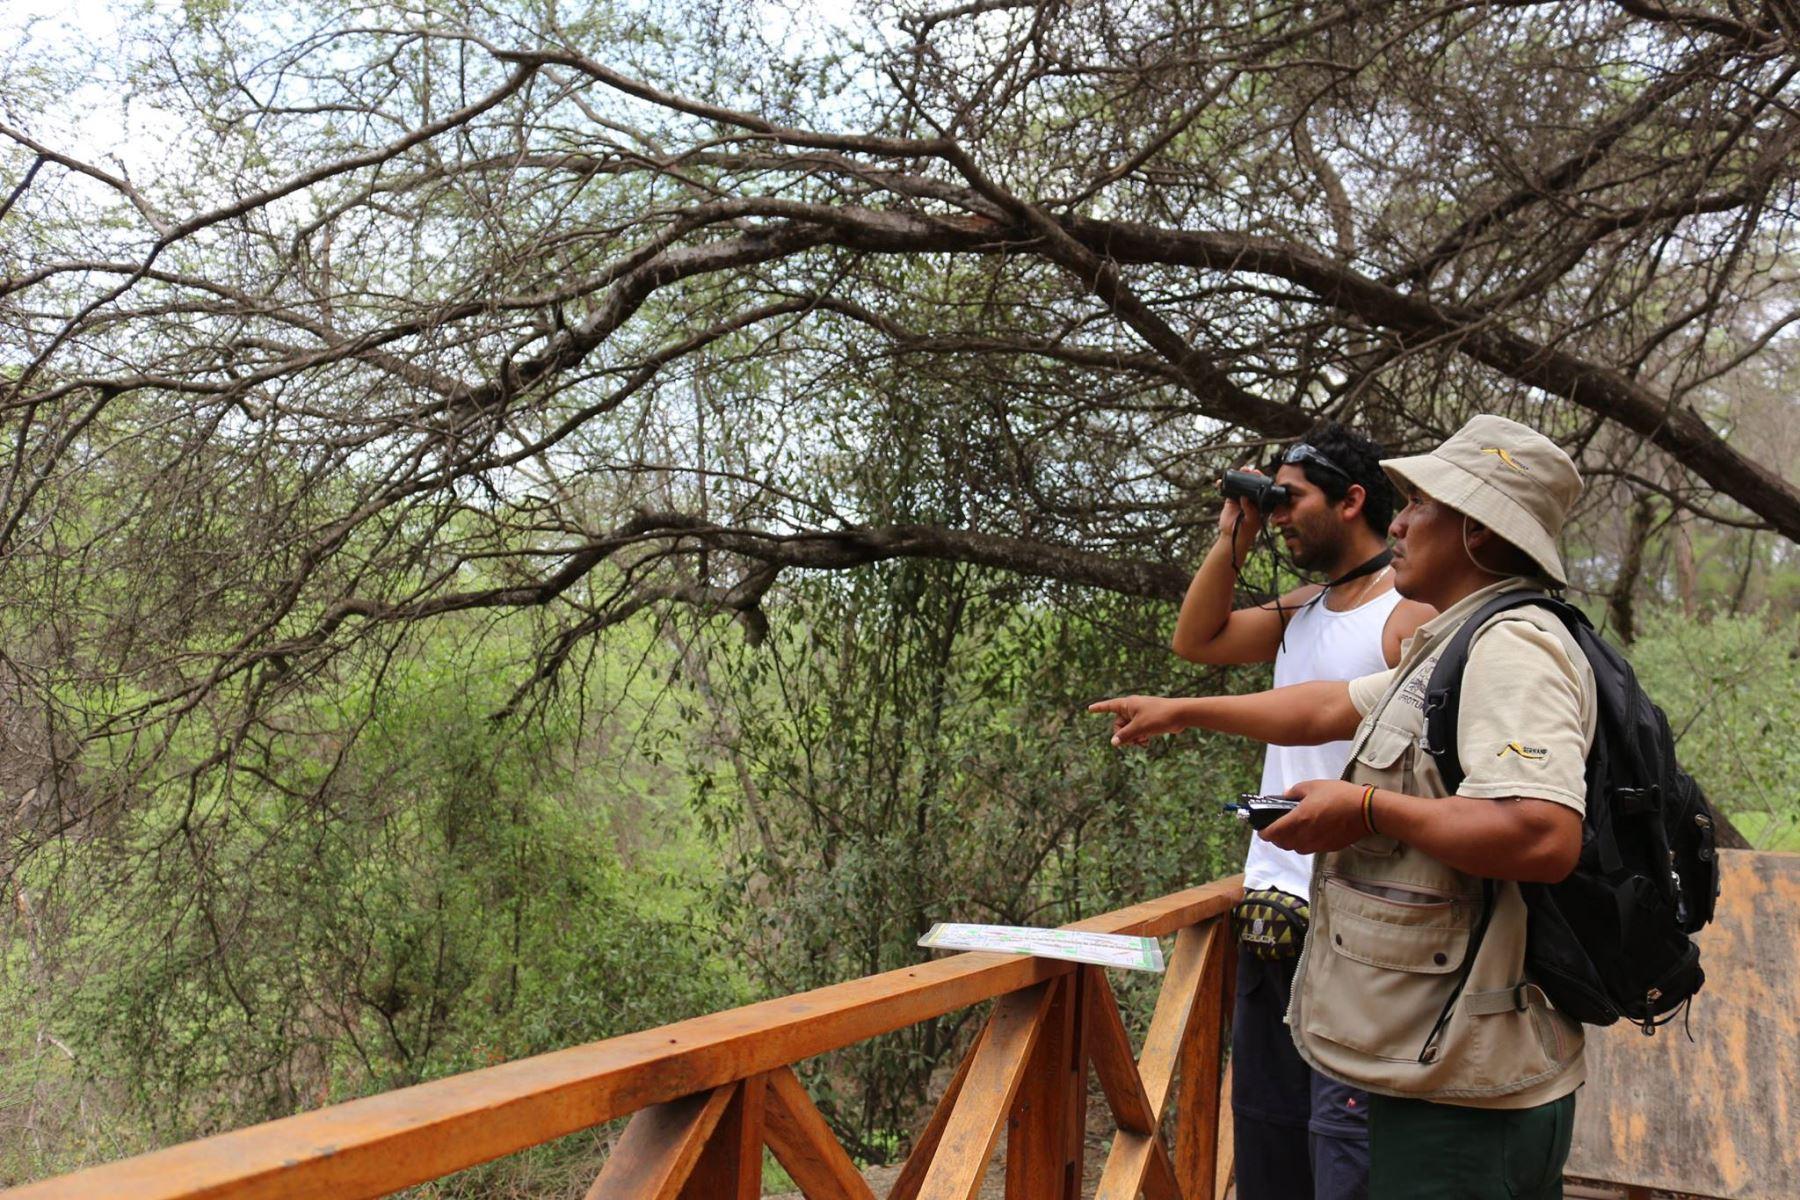 Ofrecerán turismo vivencial en Santuario Histórico Bosque de Pómac. INTERNET/Medios